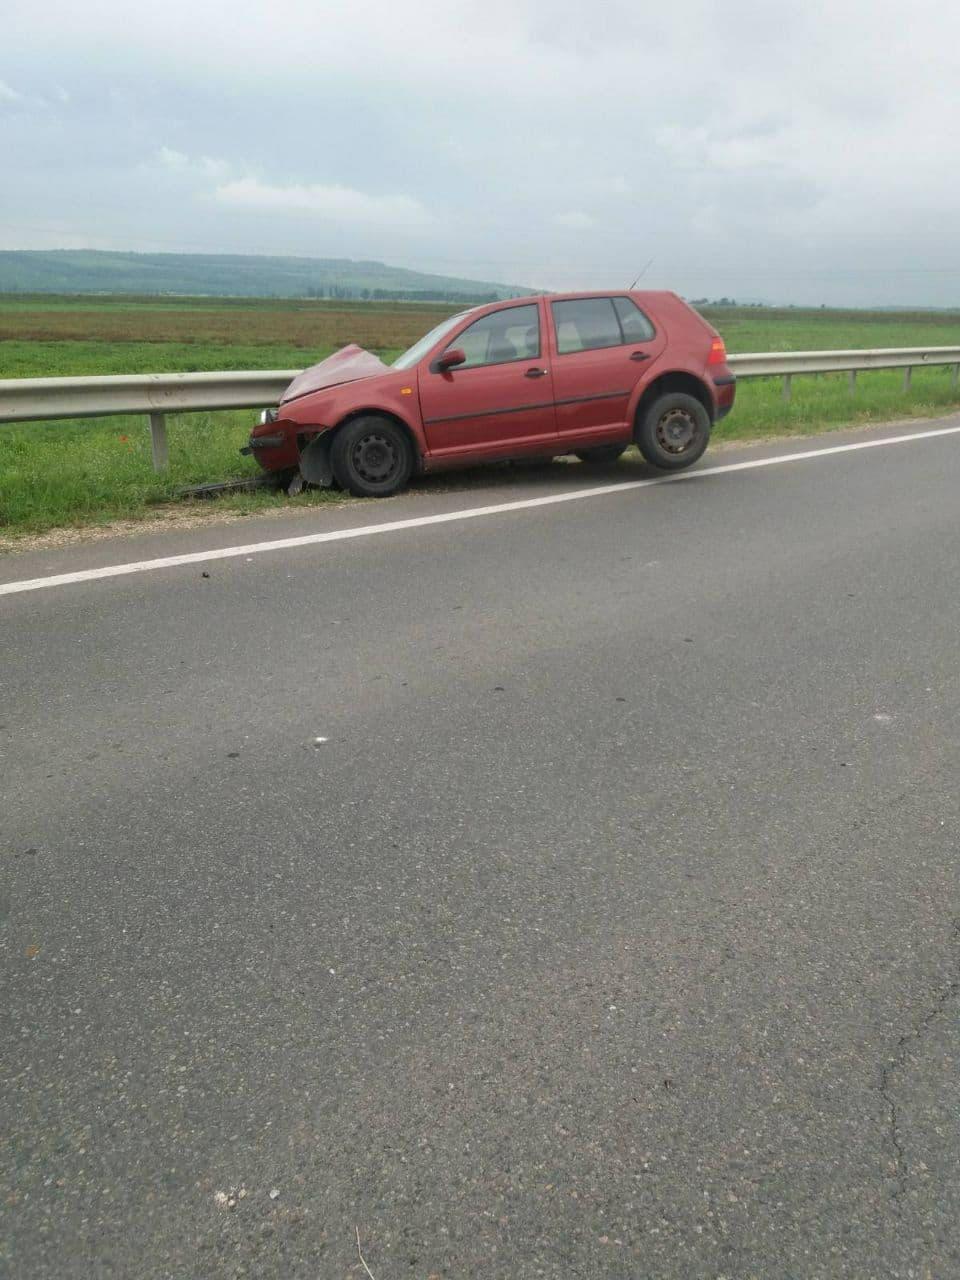 ВОргееве произошла авария. Пострадал один человек (ФОТО)